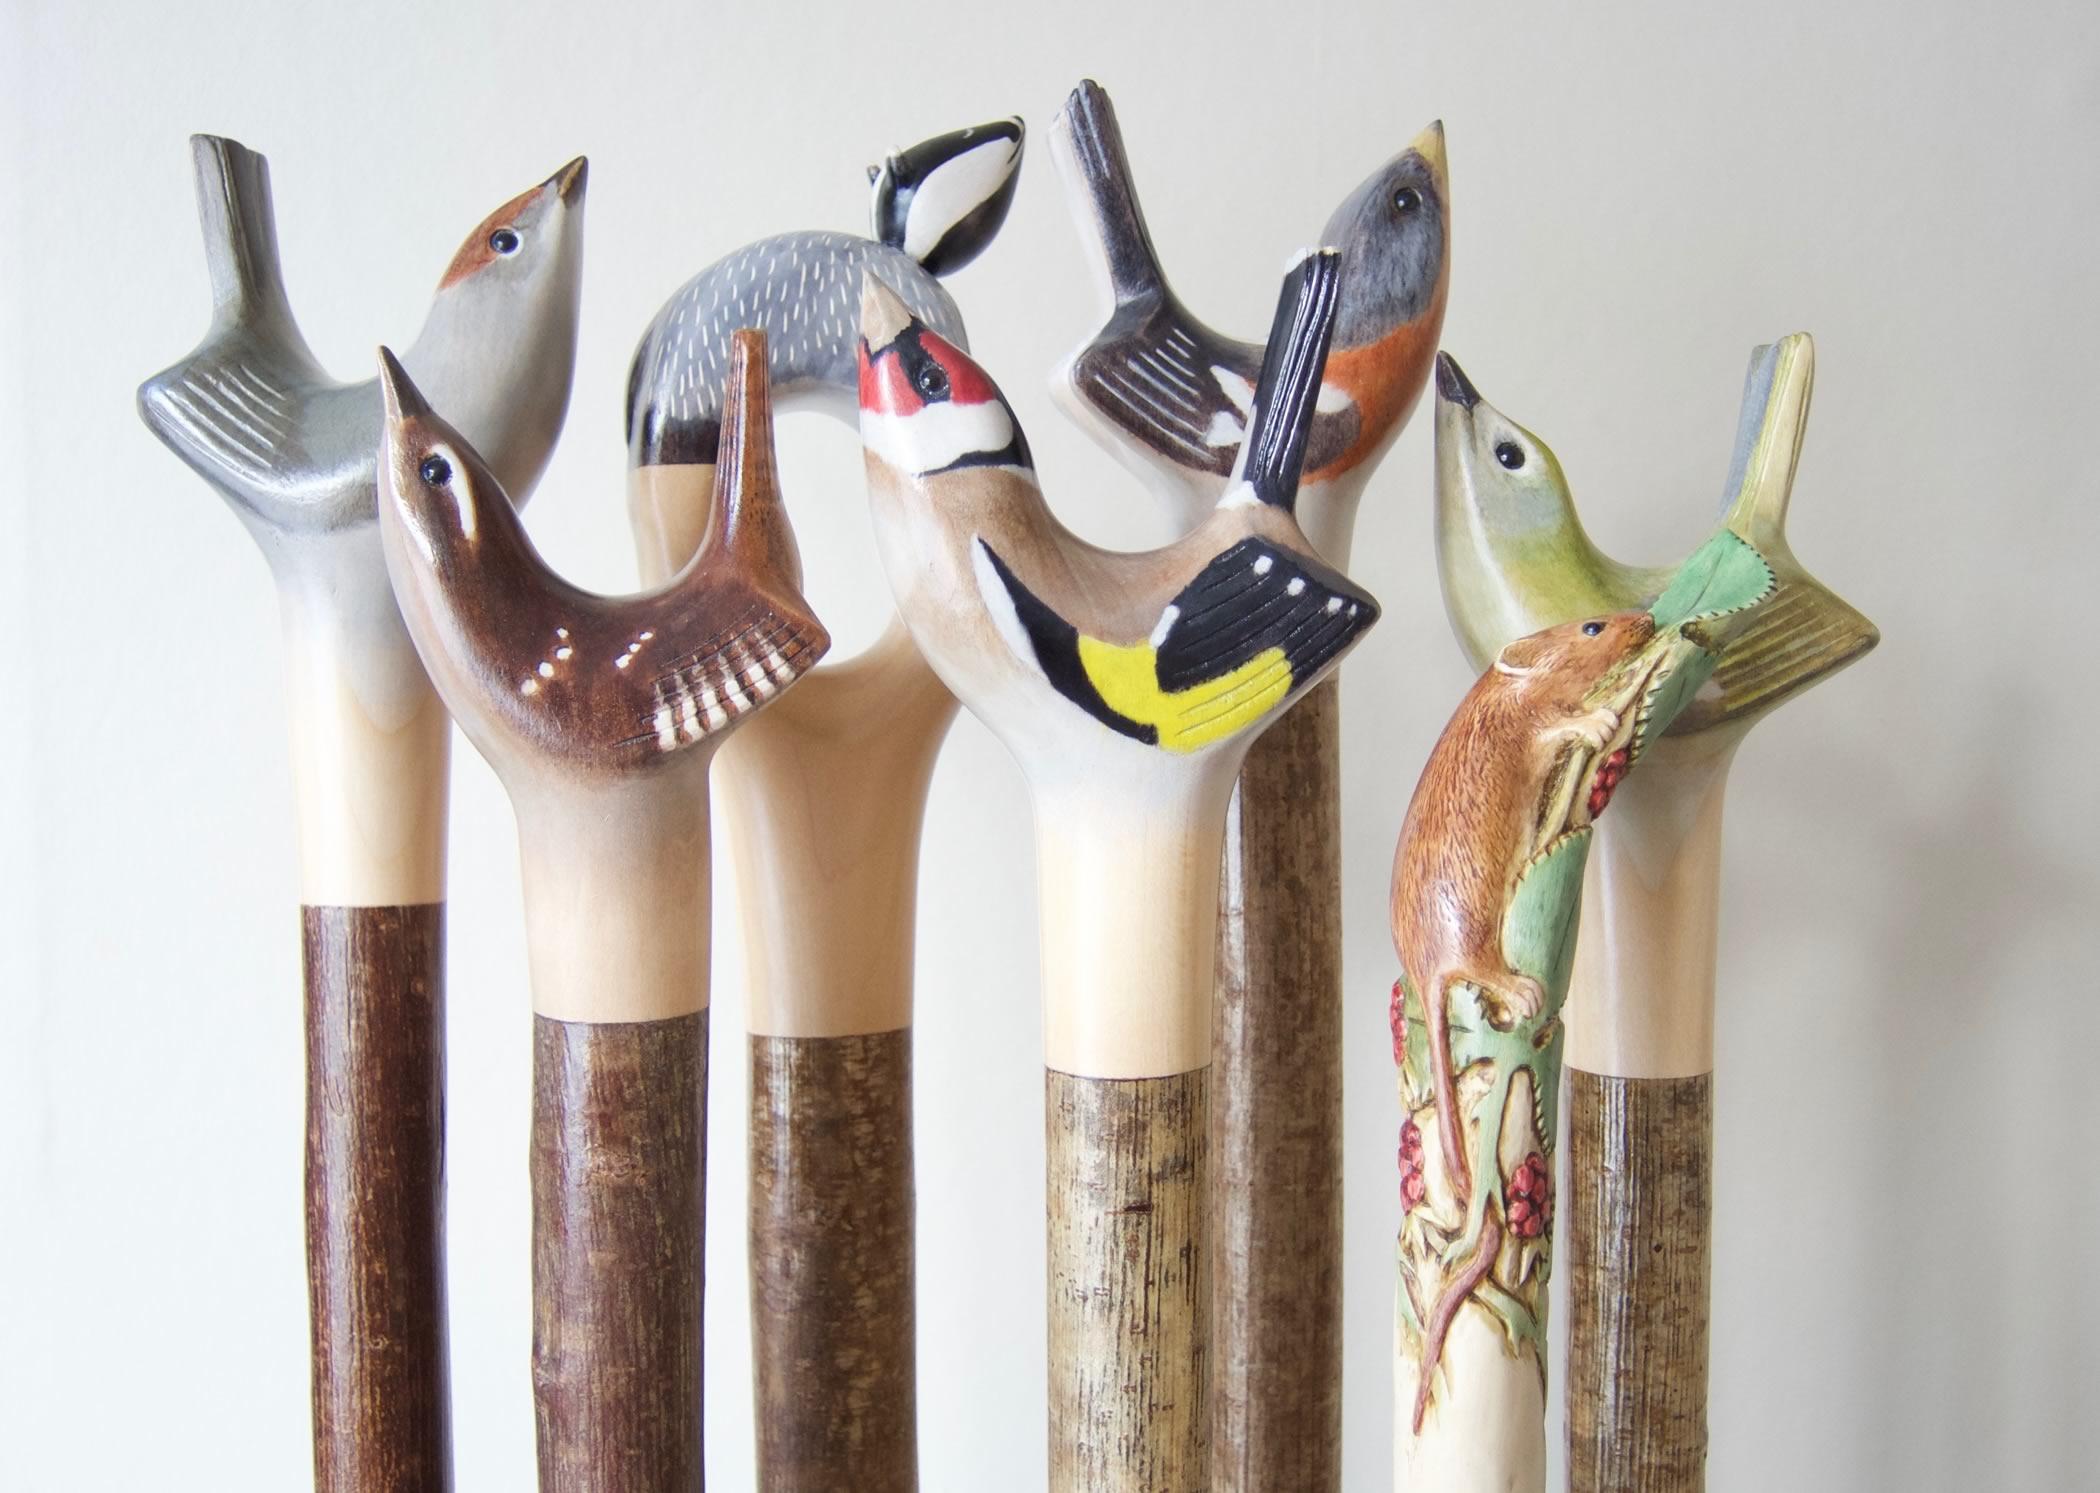 Garden birds and other wildlife walking stick art